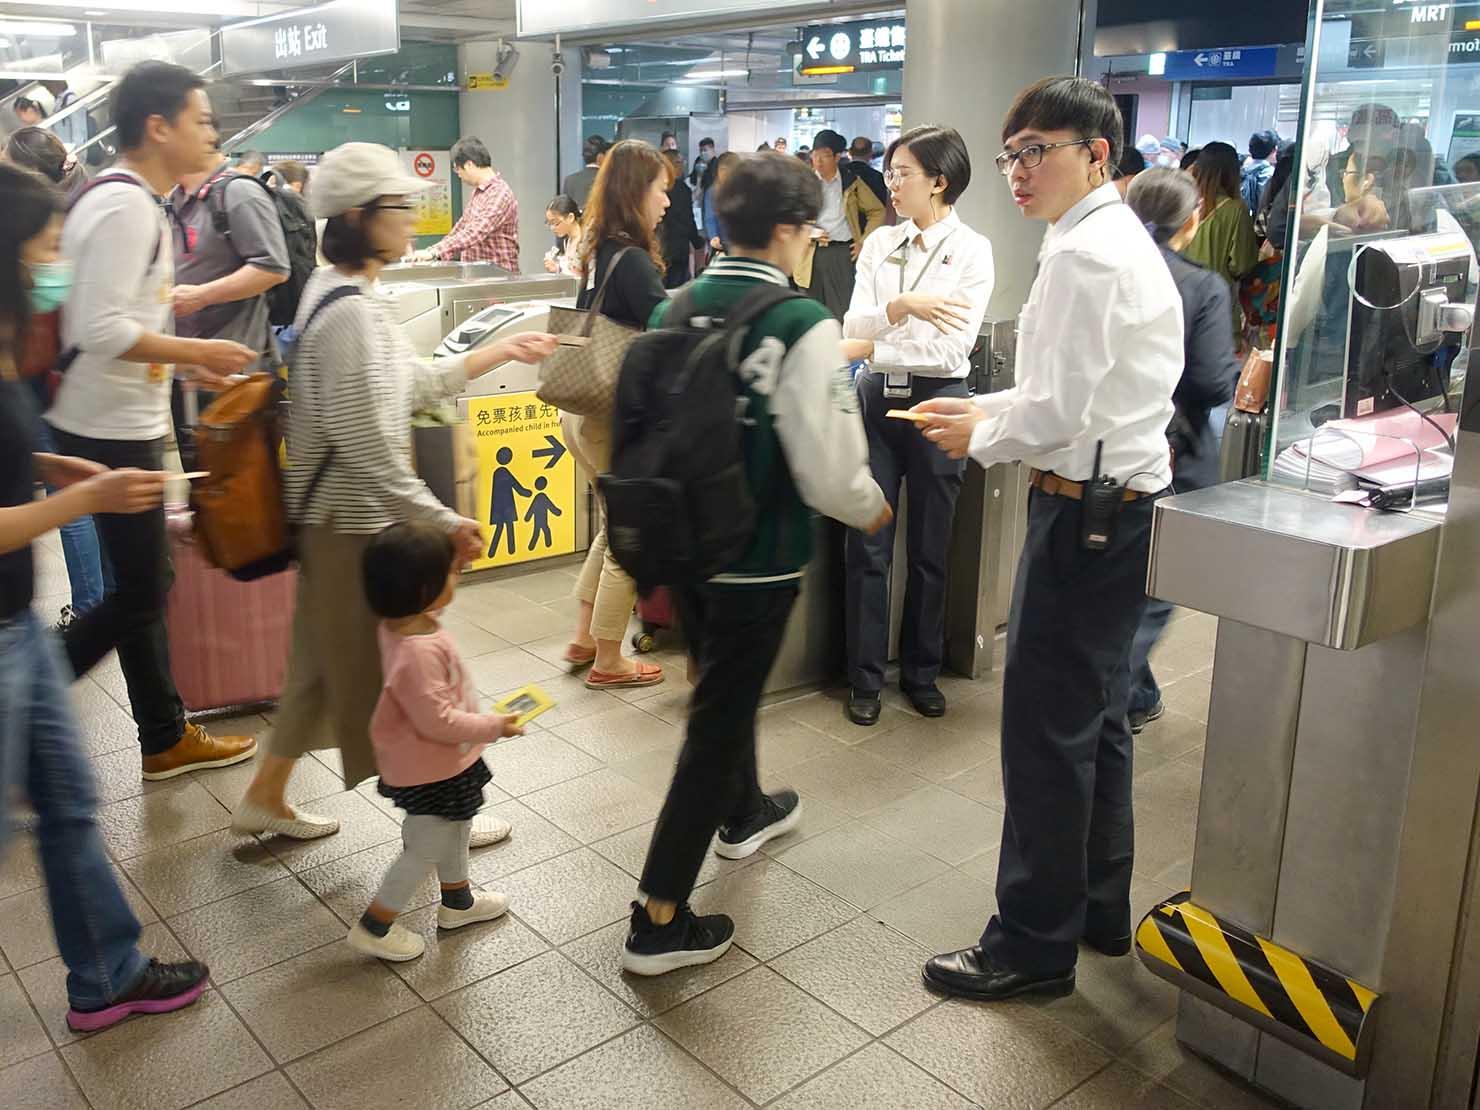 台湾新幹線(高鐵)台北駅の改札